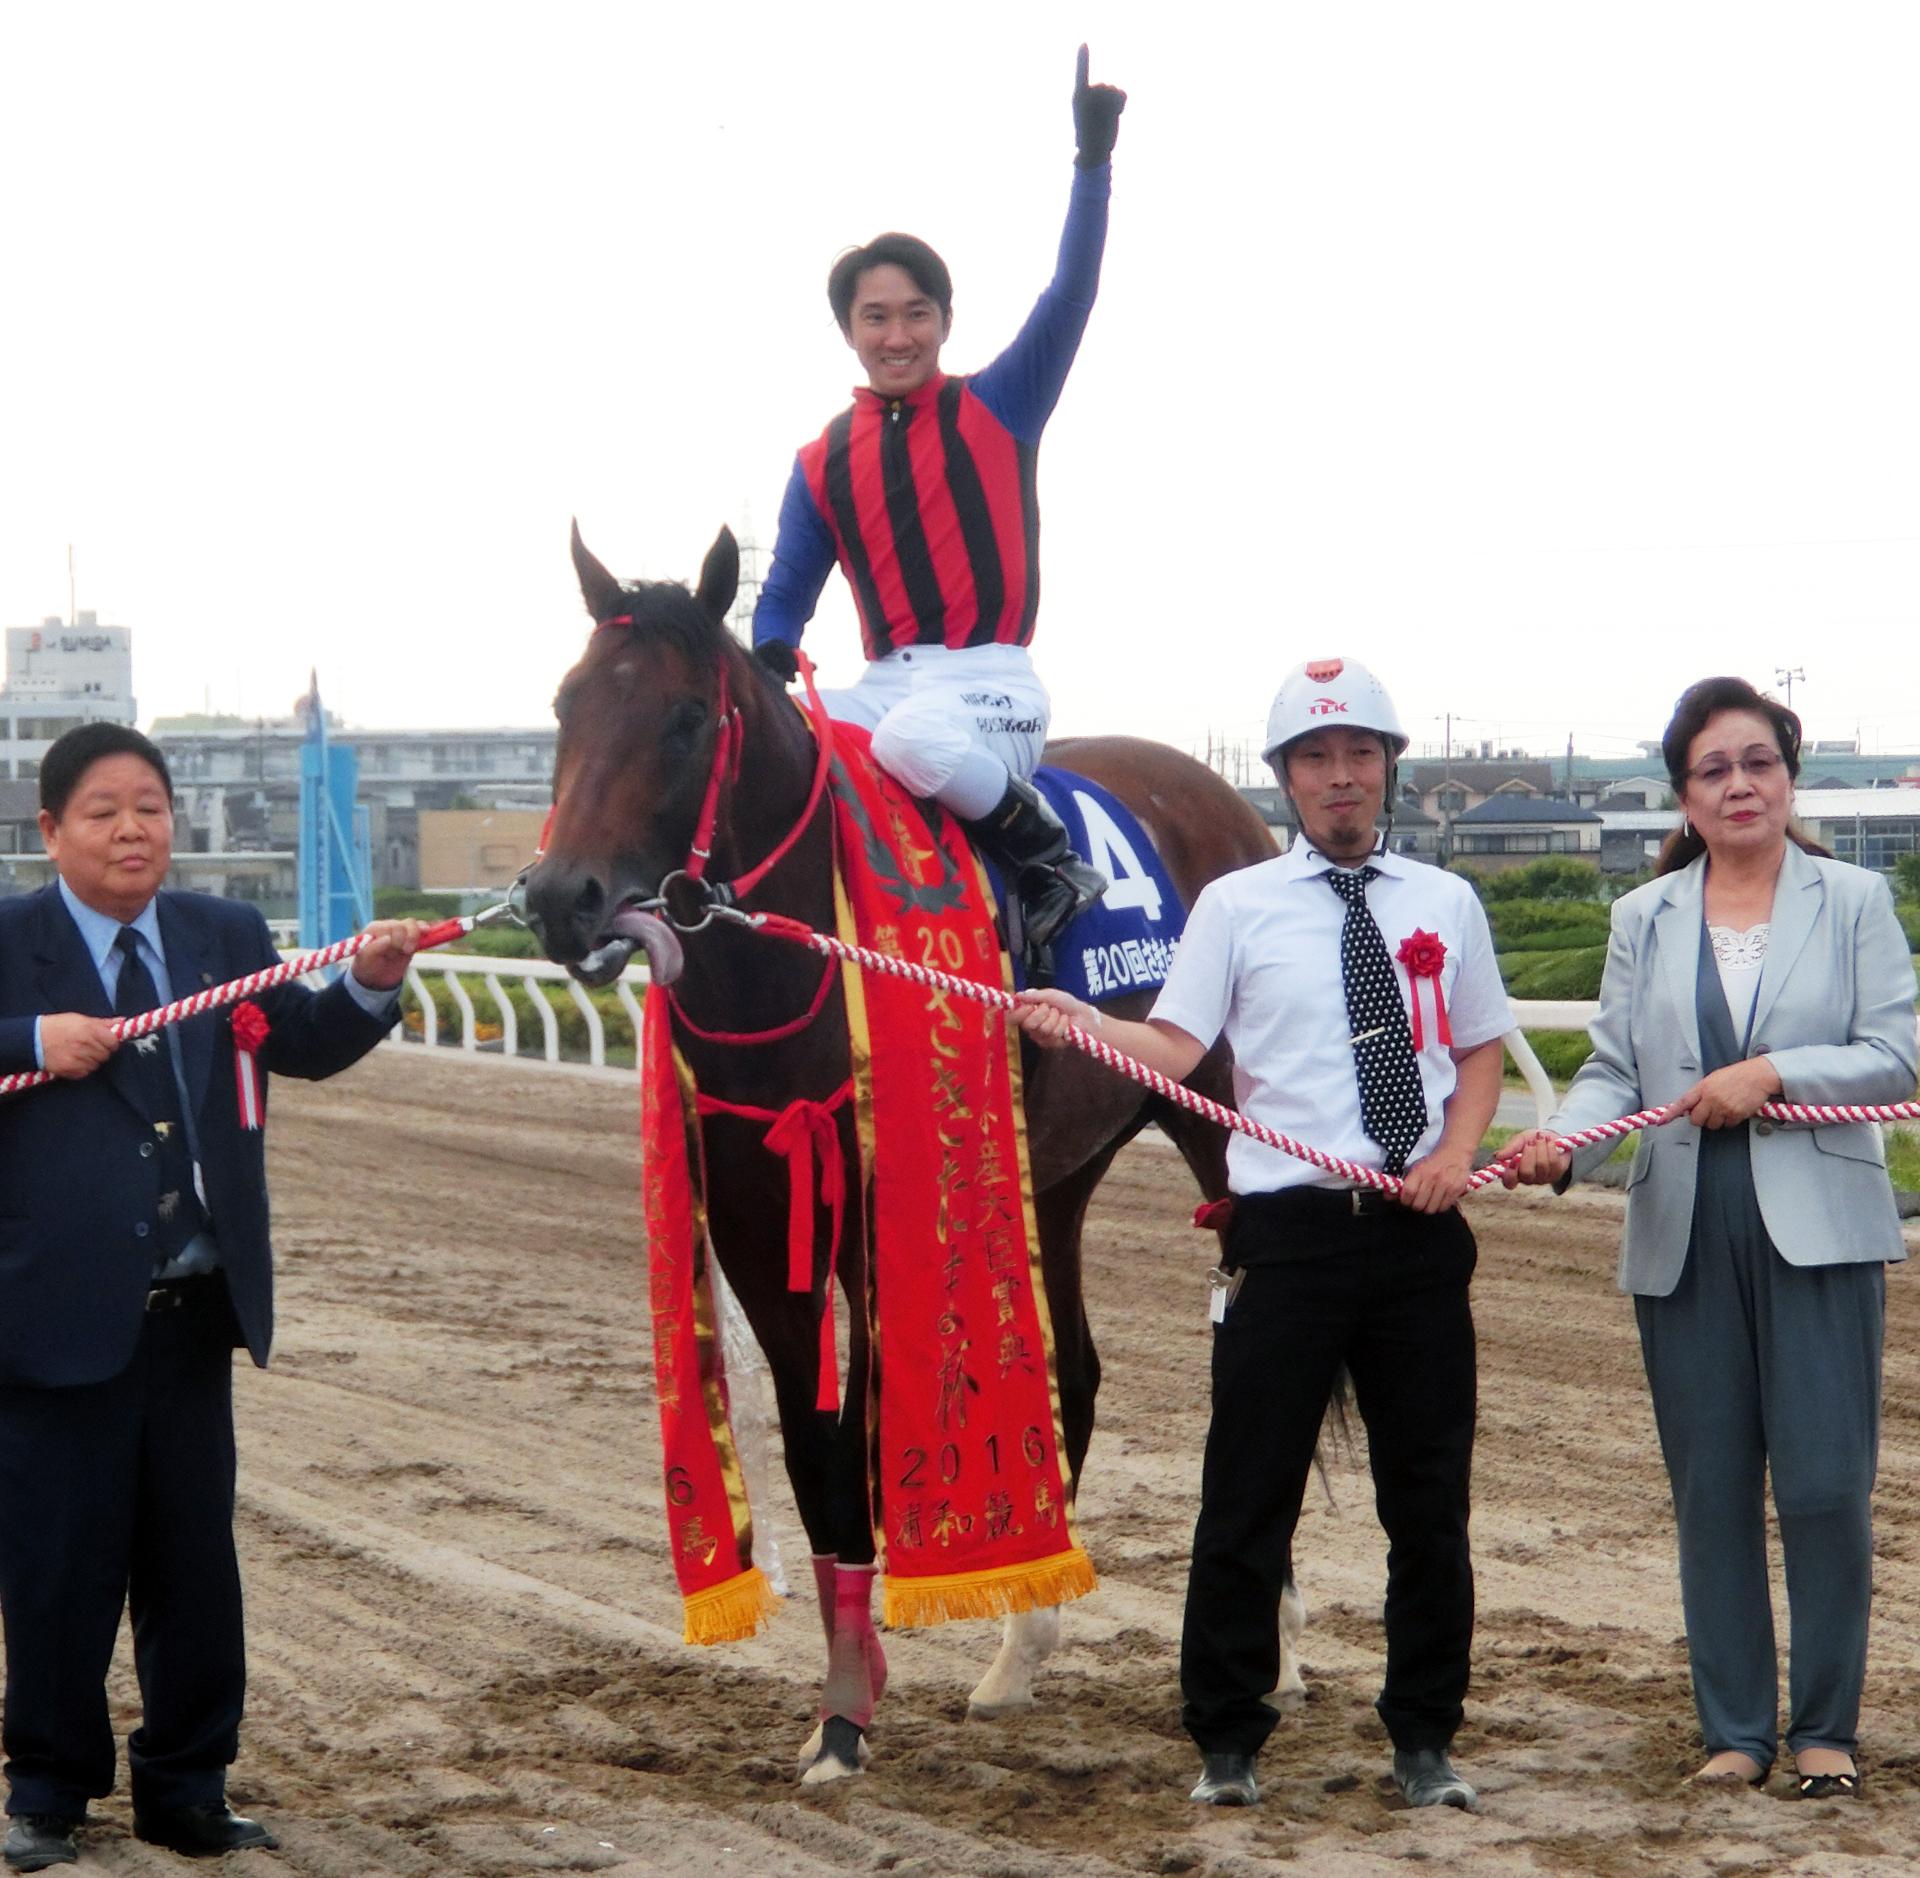 16年のNAR年度代表馬ソルテが引退、重賞10勝